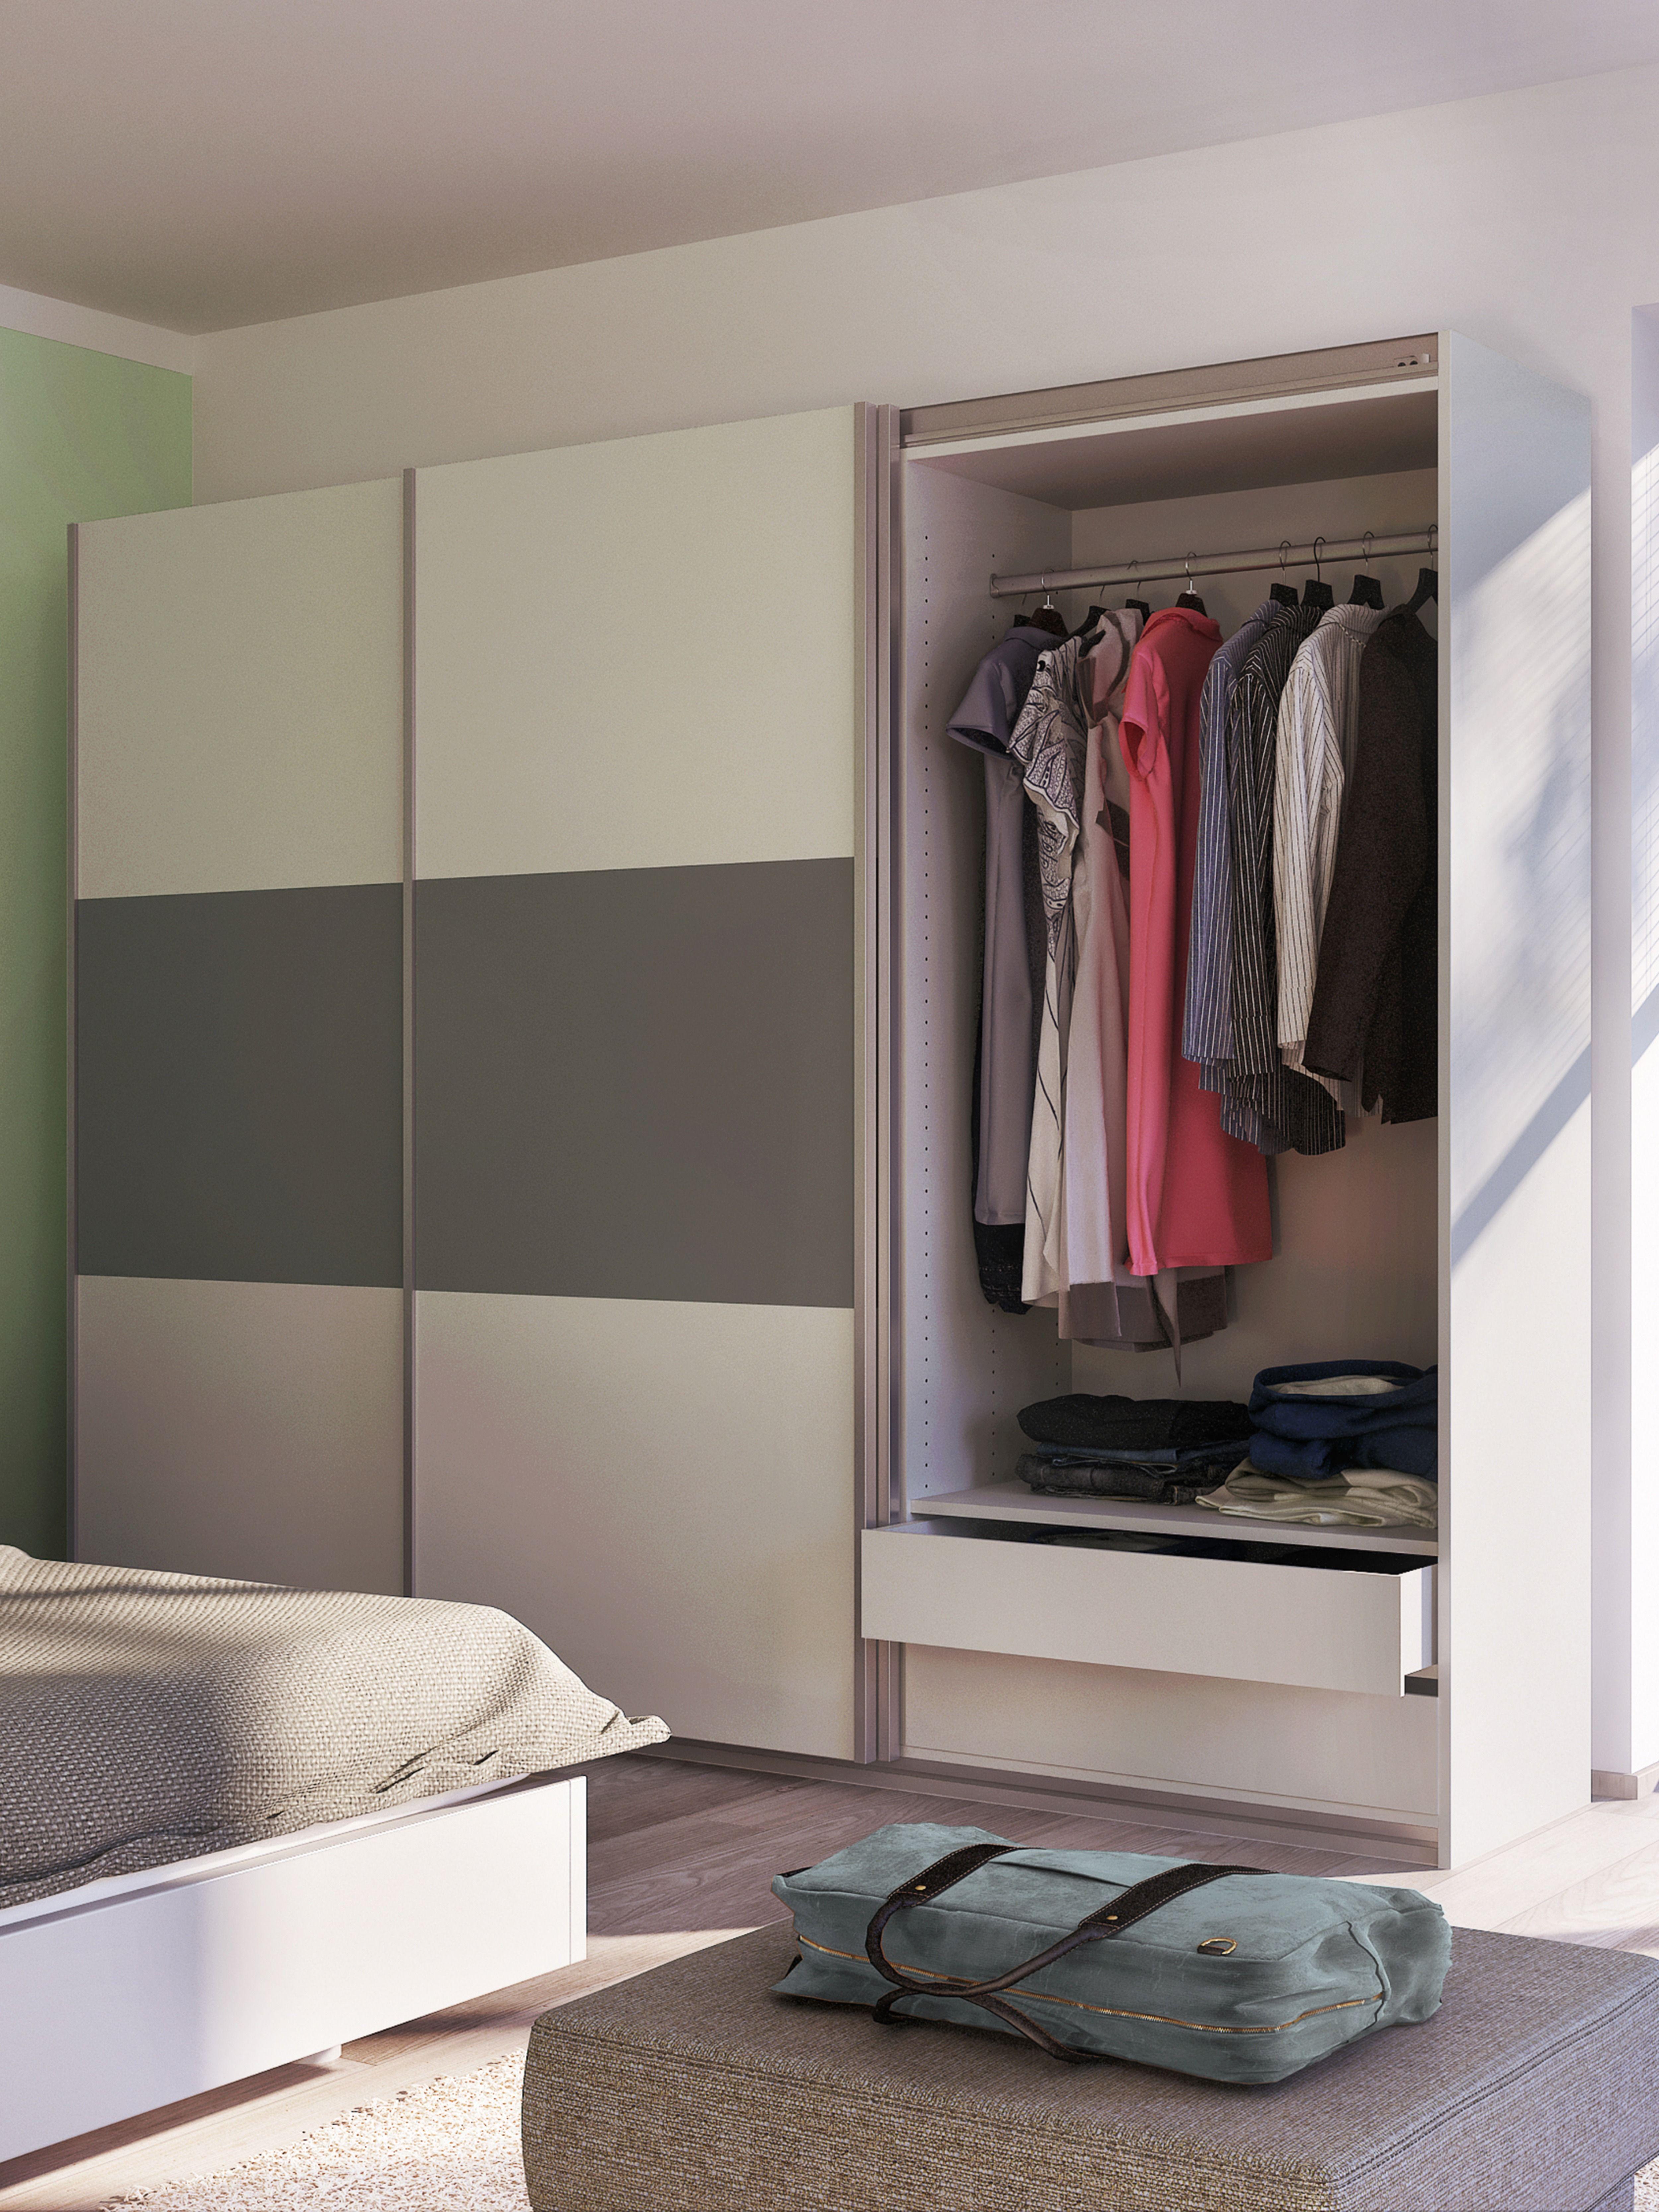 Schlafzimmer Raumsparender Kleiderschrank mit Schiebetüren